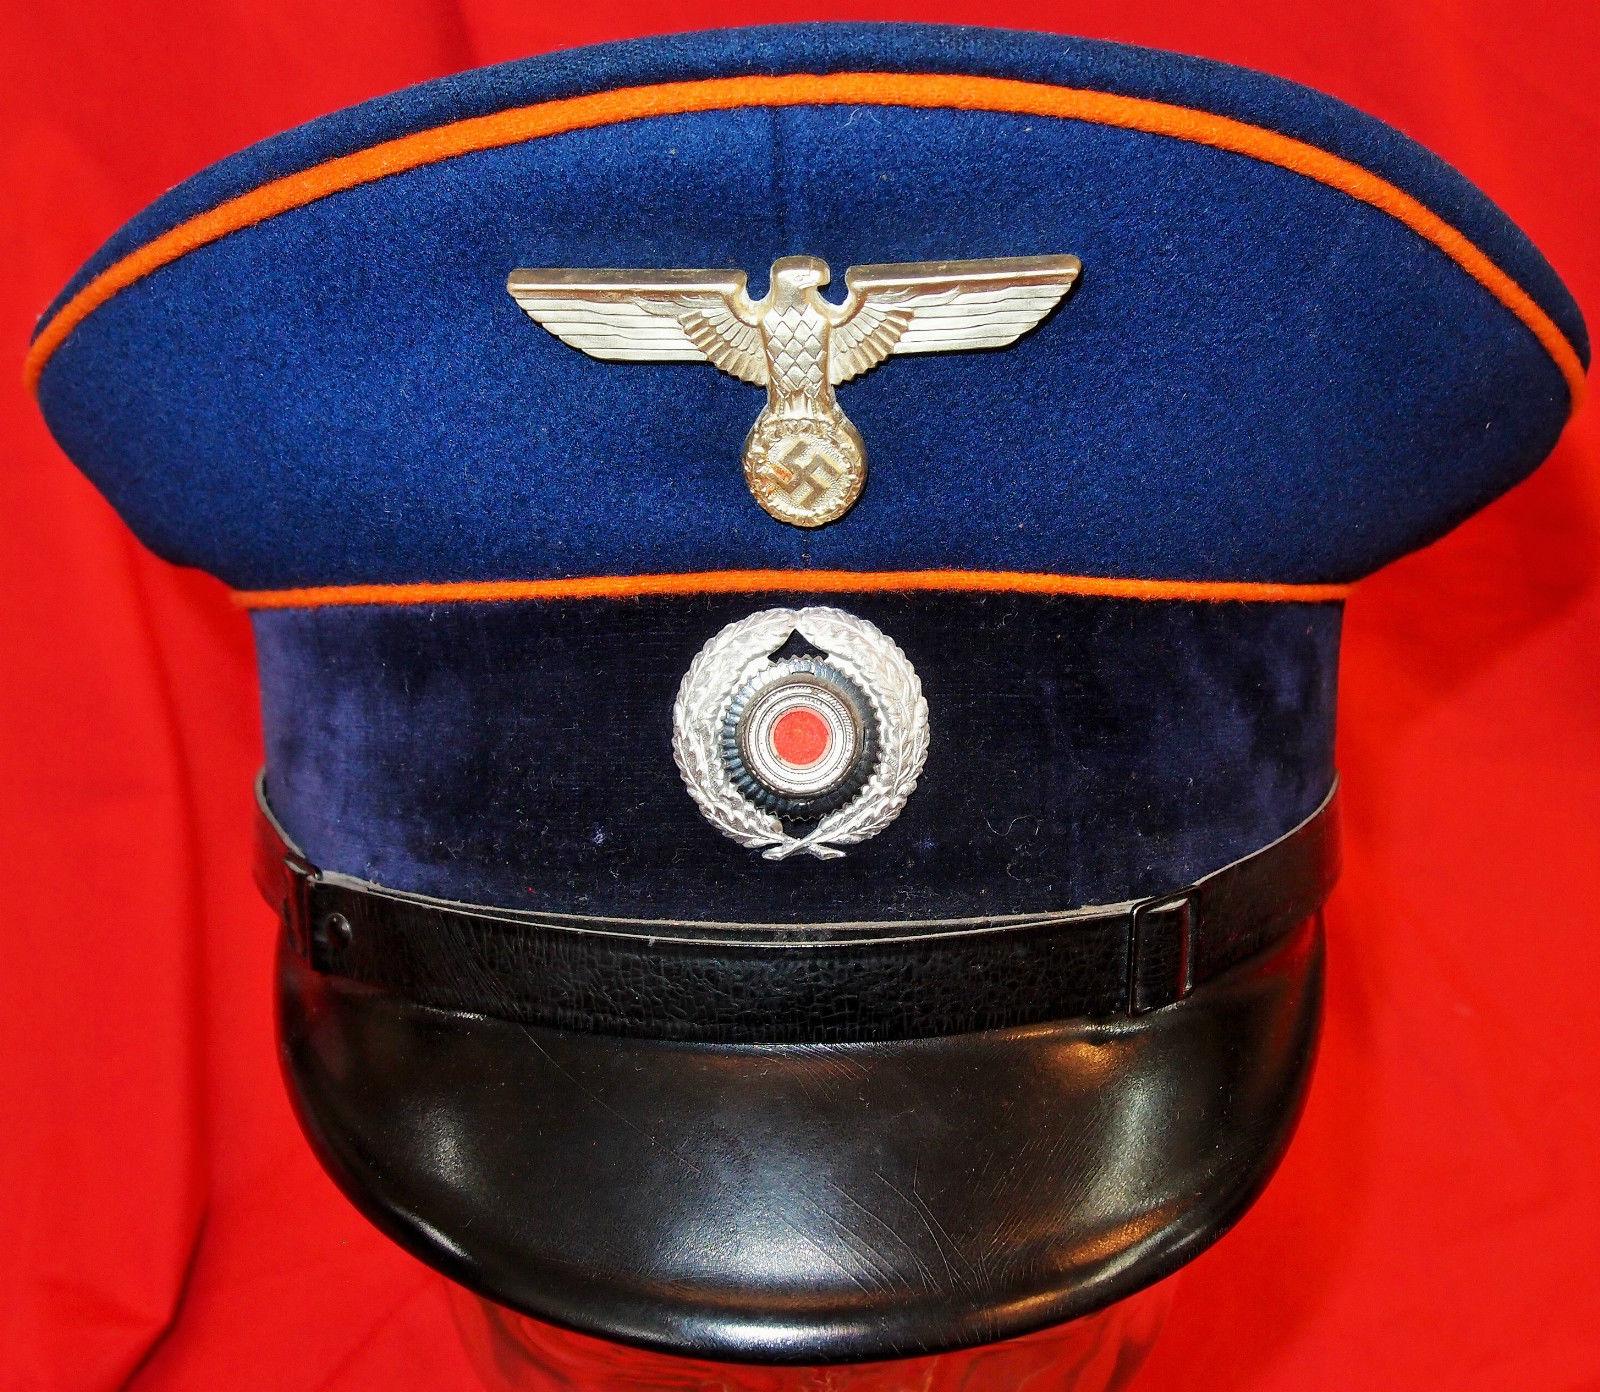 WW2 GERMAN POSTAL OFFICIAL'S SERVICE PEAKED SERVICE CAP (DEUTSCHES REICHS POSTE)